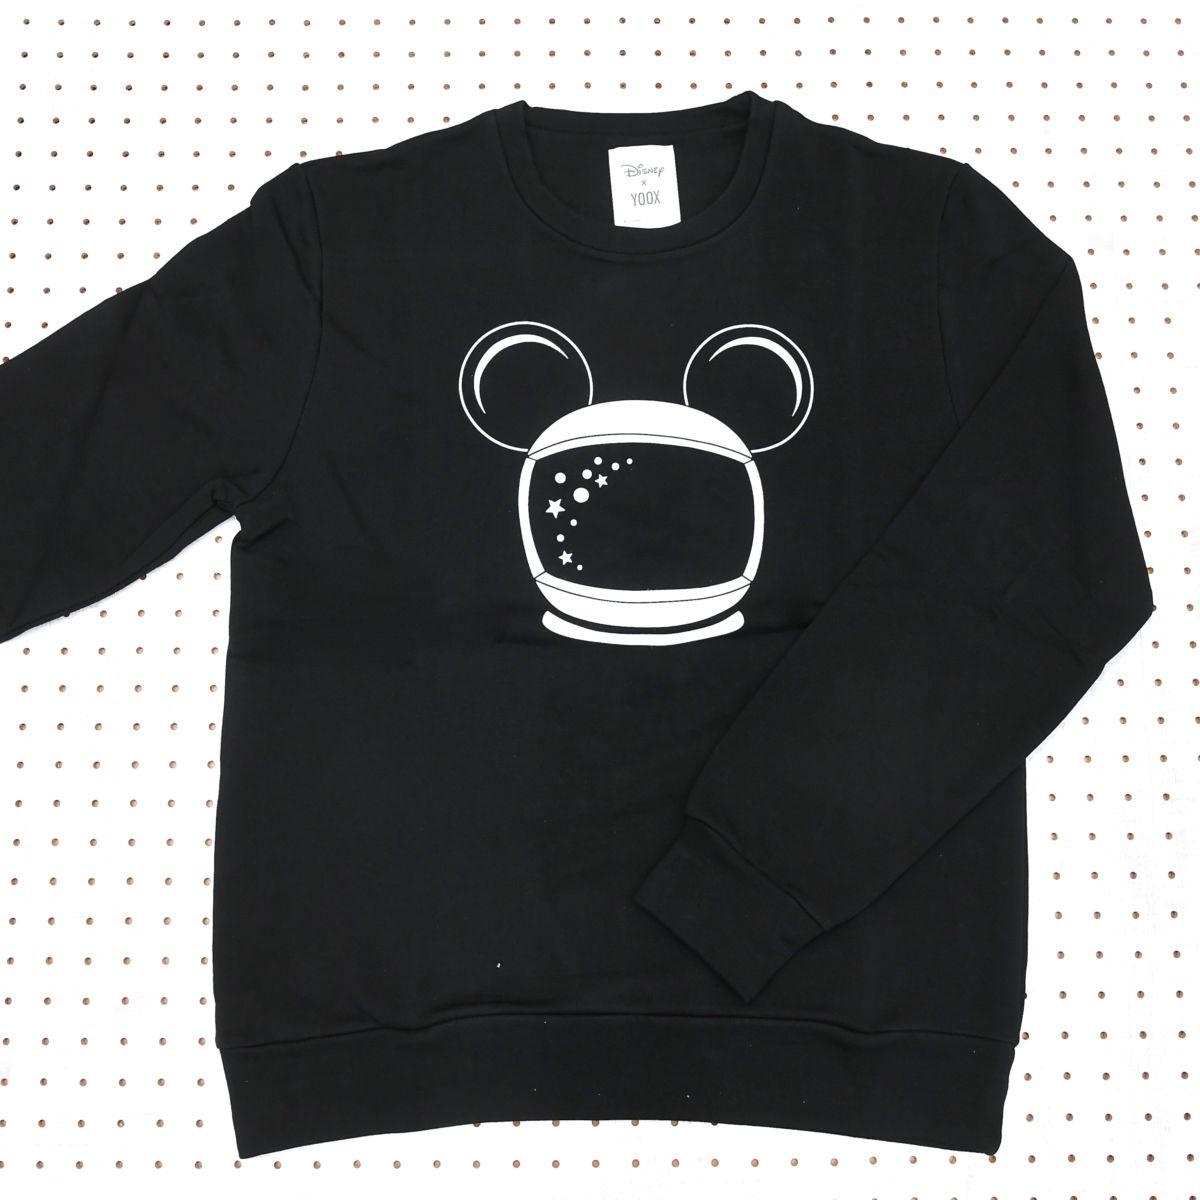 DISNEY X YOOX スウェットシャツ